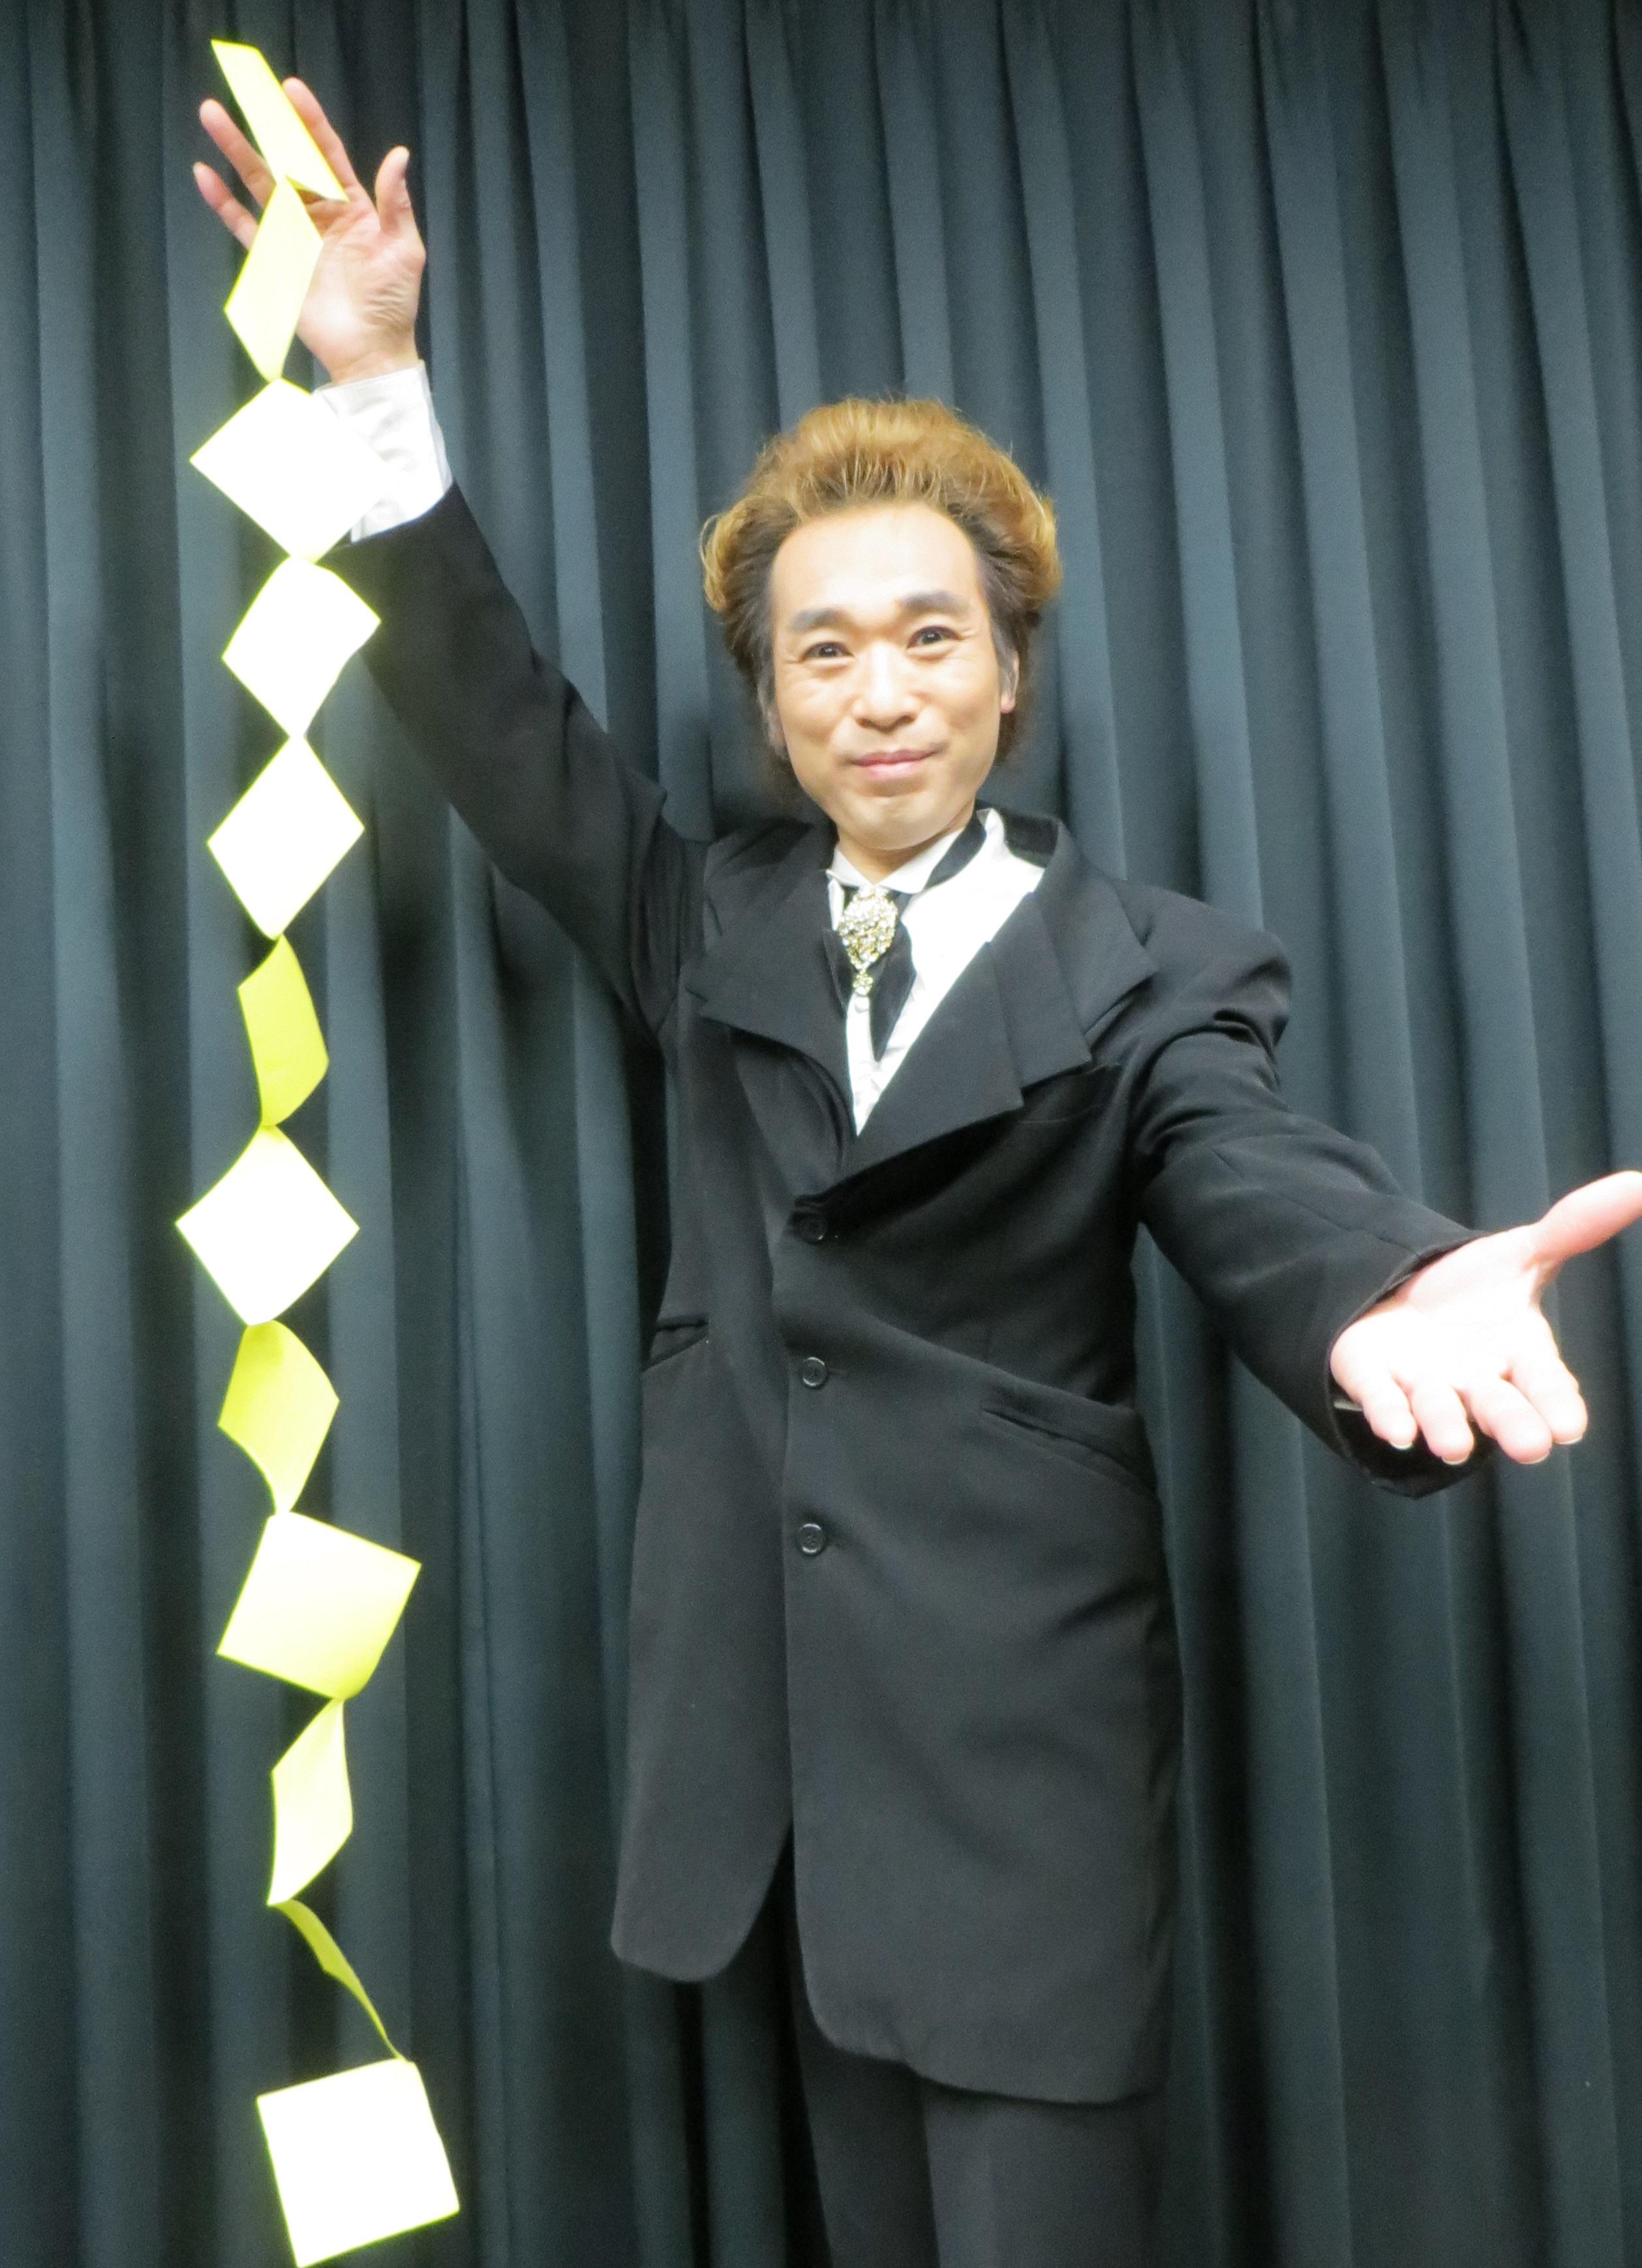 ネオジャパネスク(折り紙マジックルーティン) ※